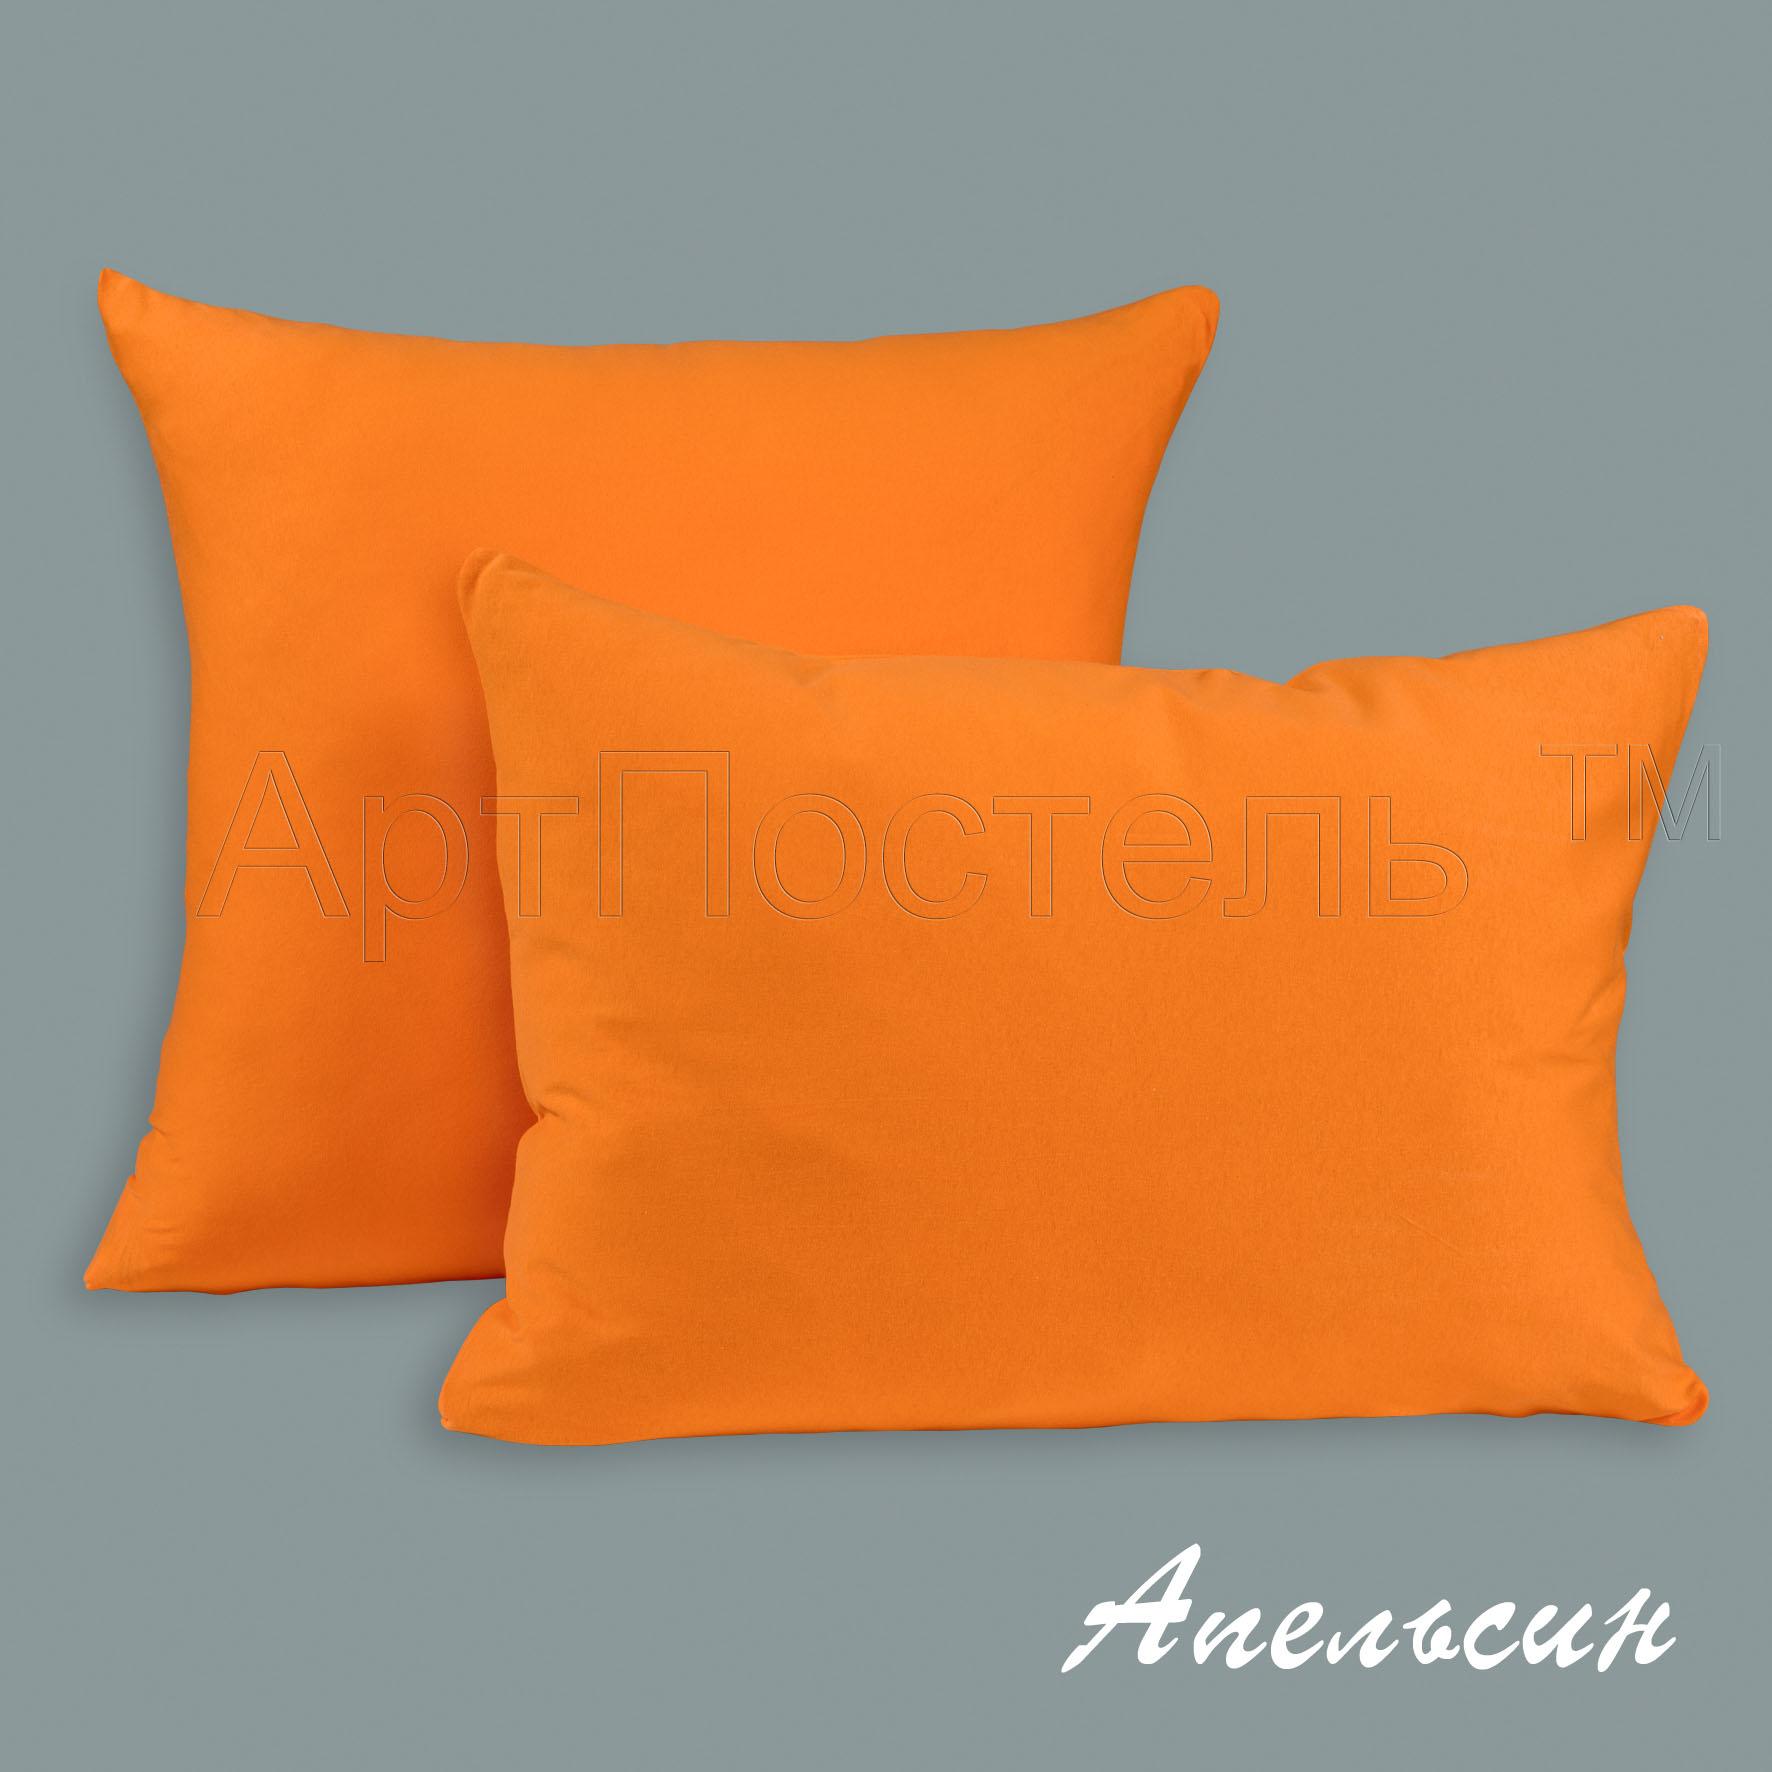 """Наволочки """"Трикотажные Апельсин"""" р. 50х70 — Трикотажные Апельсин"""